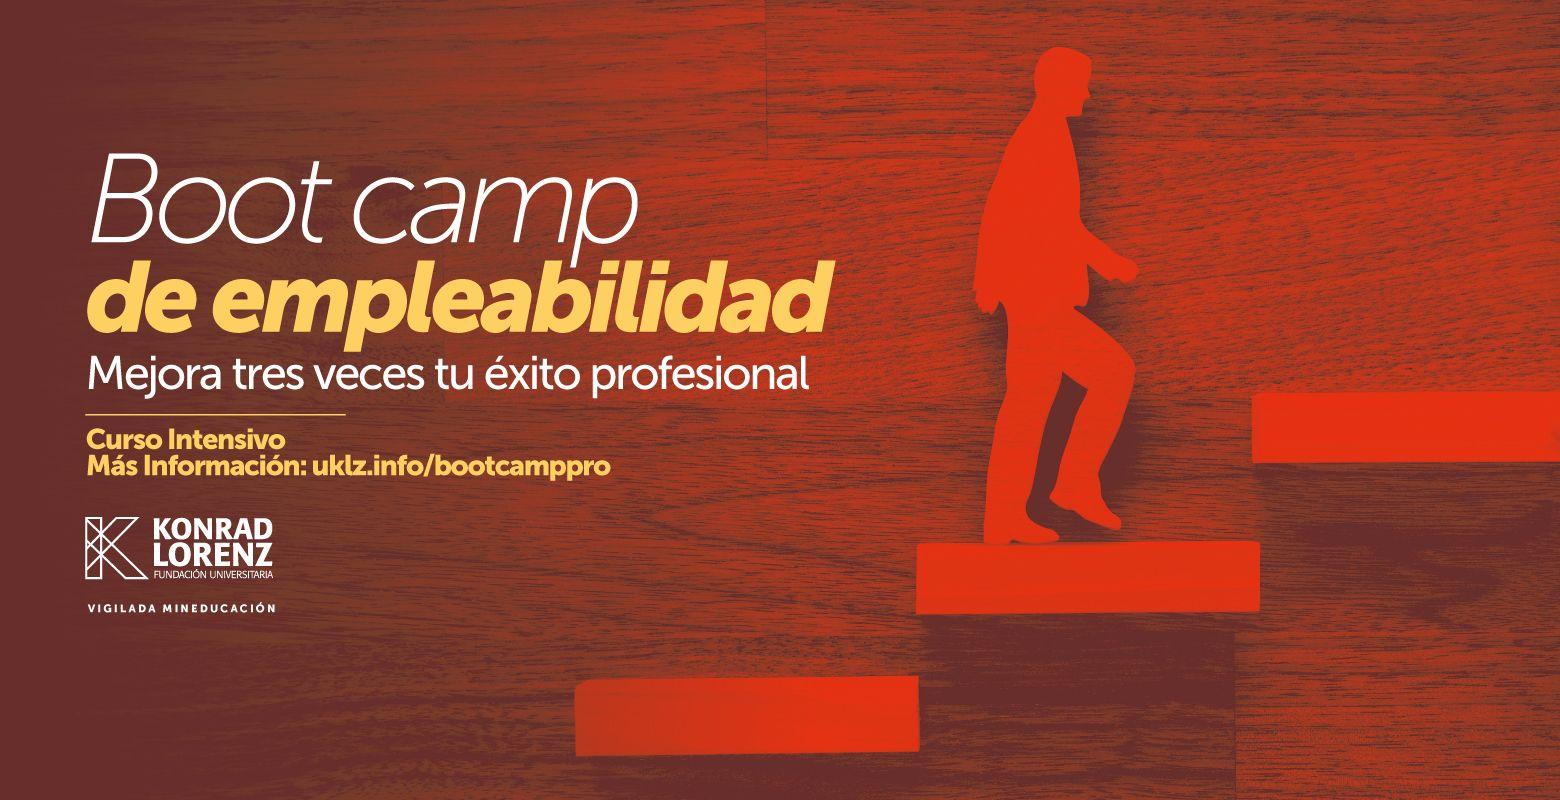 Curso Boot Camp de Empleabilidad. Mejora 3 veces tu éxito profesional.